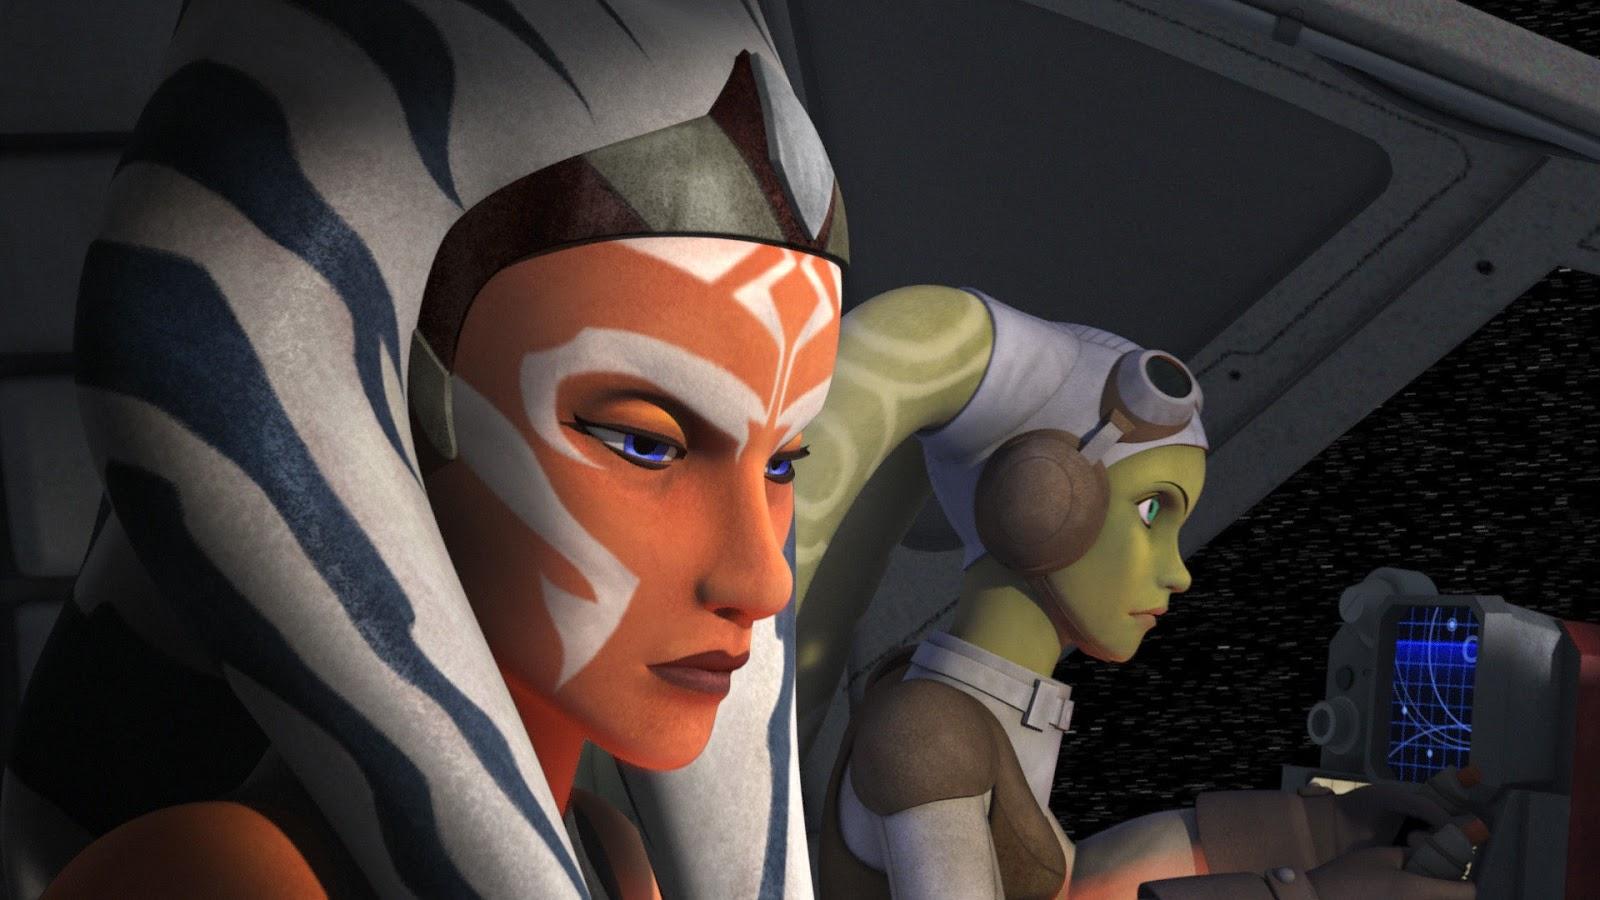 Sneak Peek Star Wars Rebels Season 4 Revealed